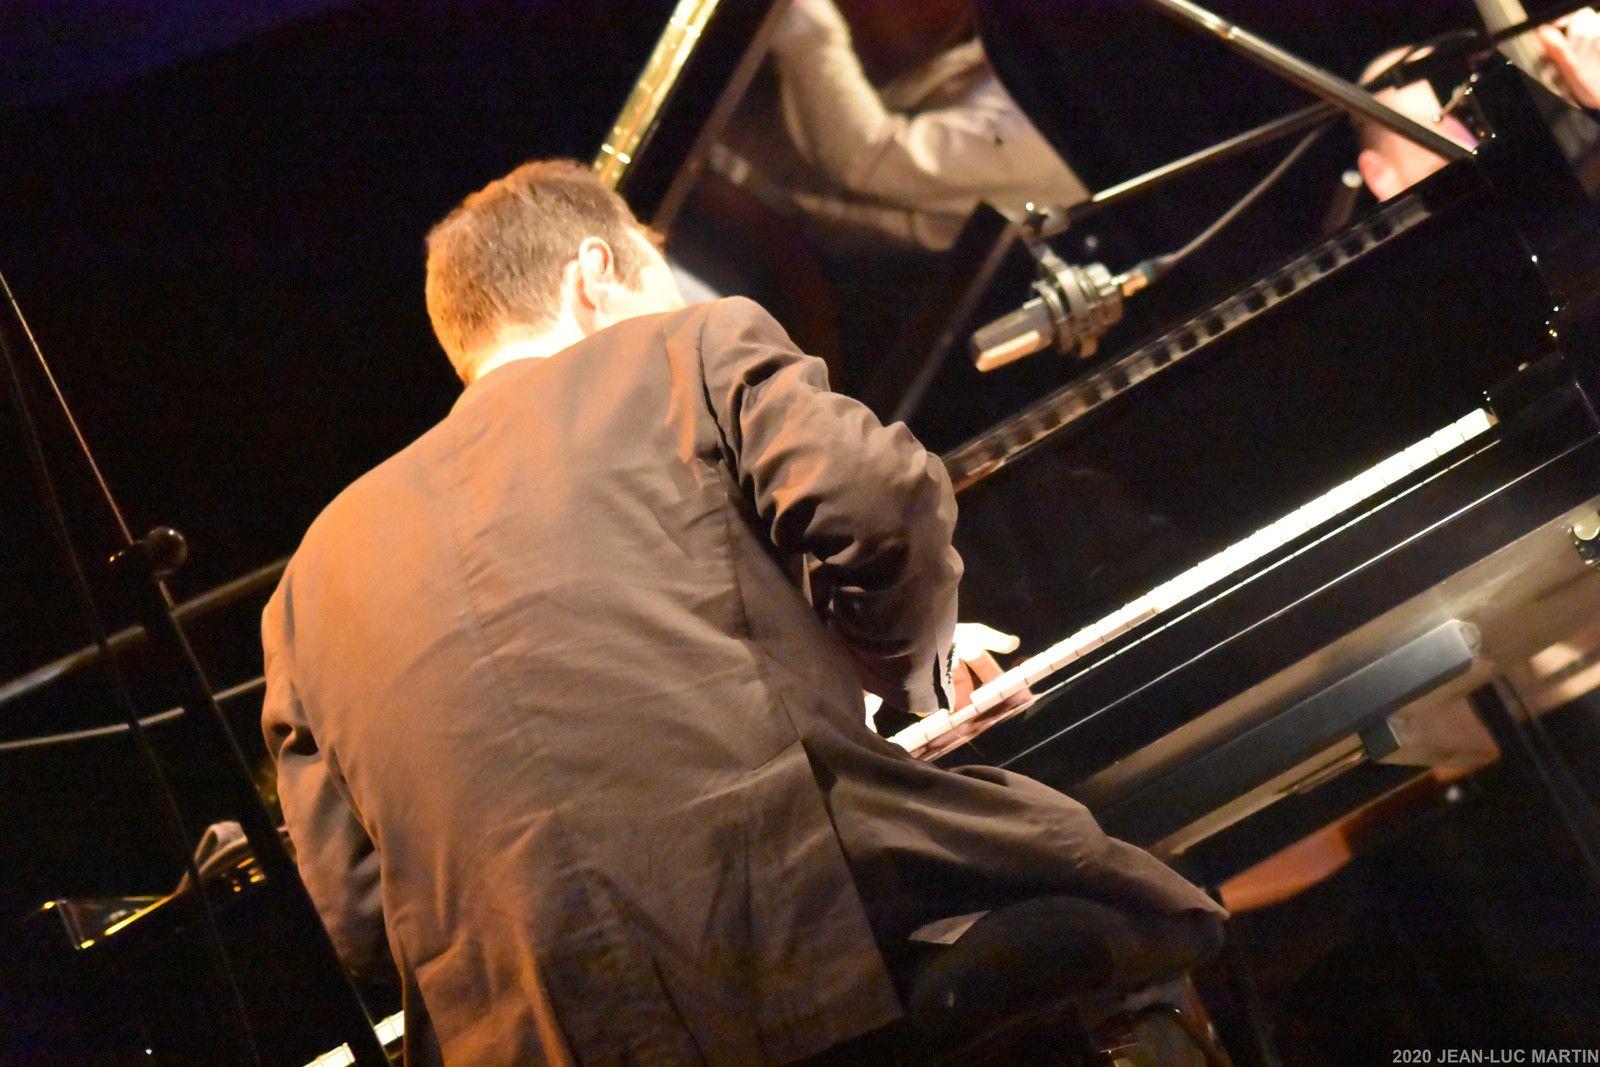 GRANDS PIANISTES DE JAZZ FRANCAIS: PIERRE DE BETHMANN